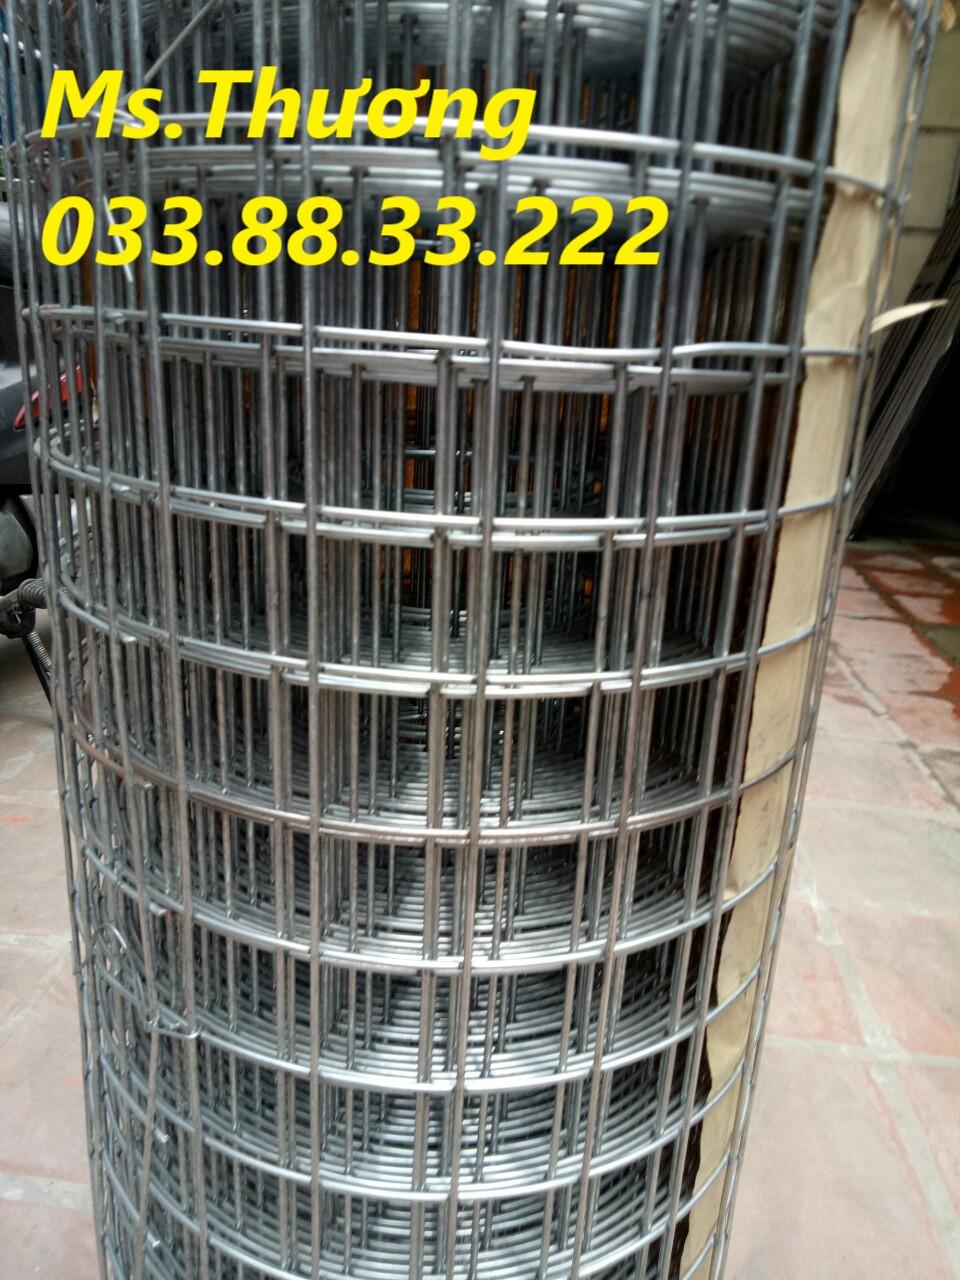 Lưới thép hàn mạ kẽm dây 2ly a 25x25, 2ly a 50x50, 3ly, 4ly, hàng có sẵn tại kho